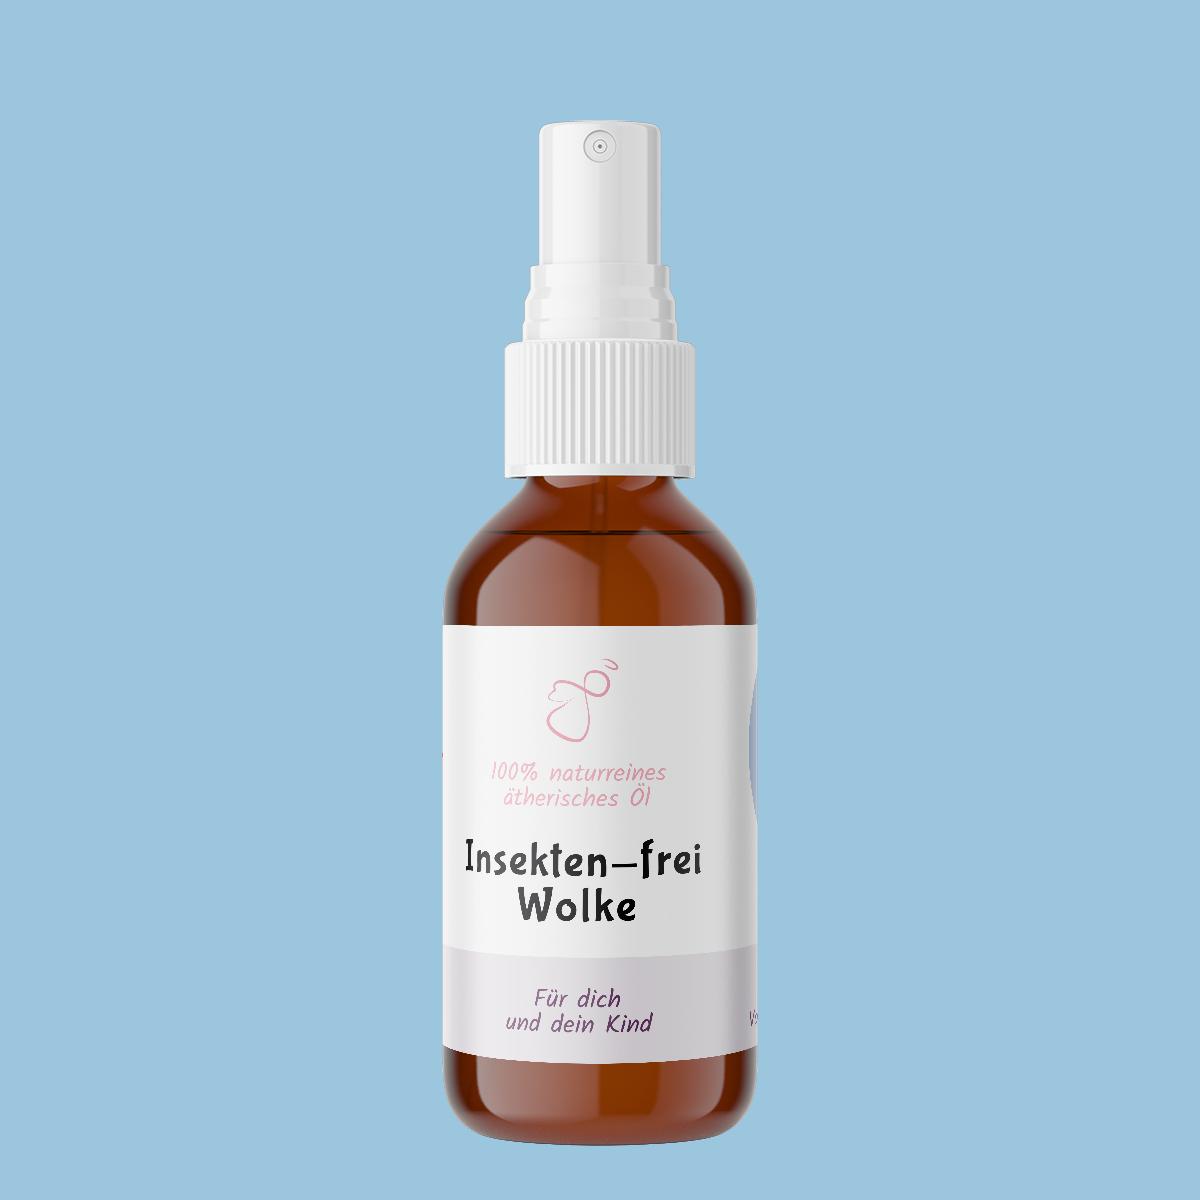 Insekten-frei Wolke Aromaspray Raumduft Schutzengelmein